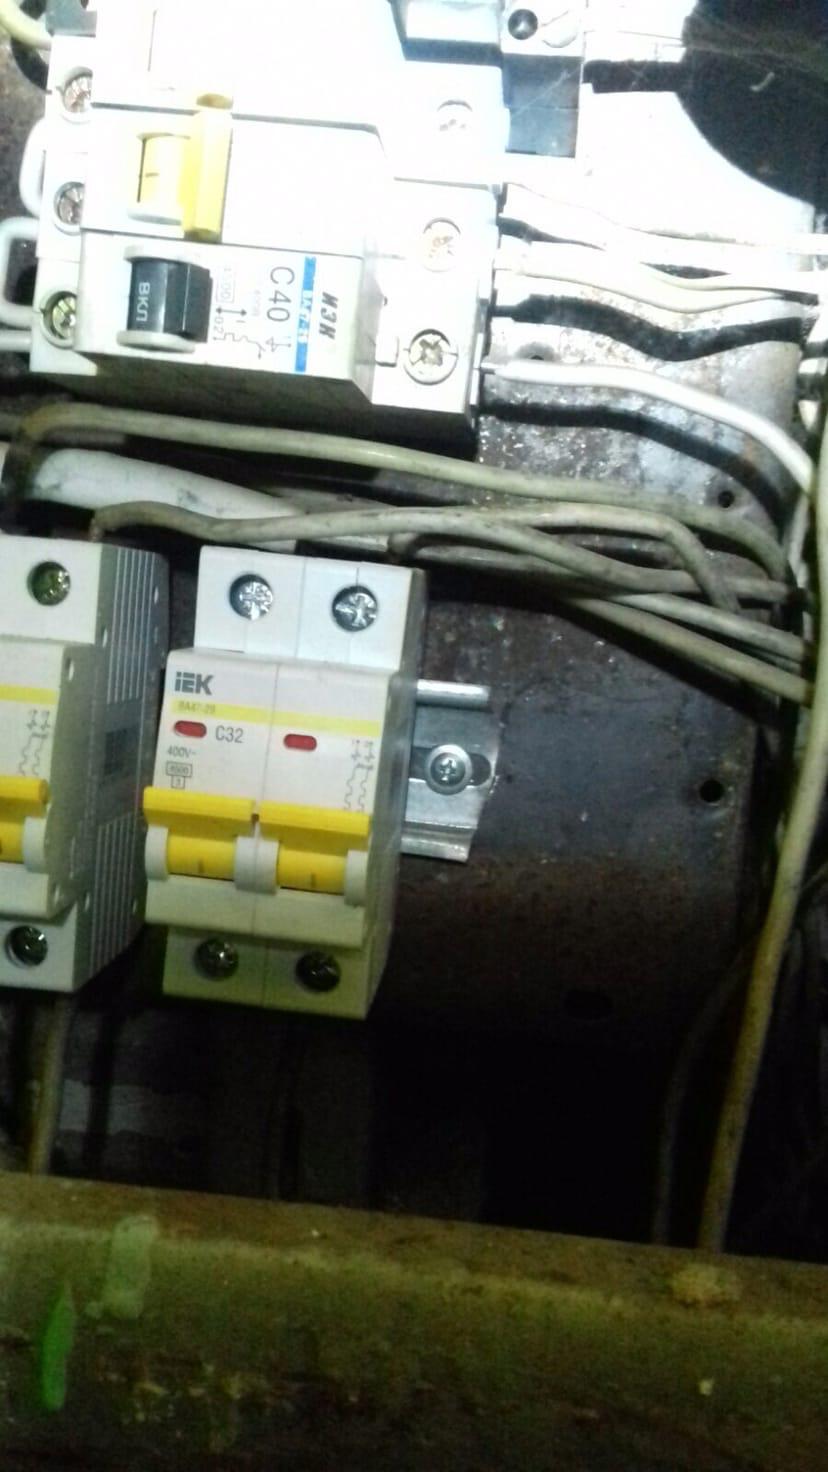 Улица Московская дом 101 смена пакетного выключателя.